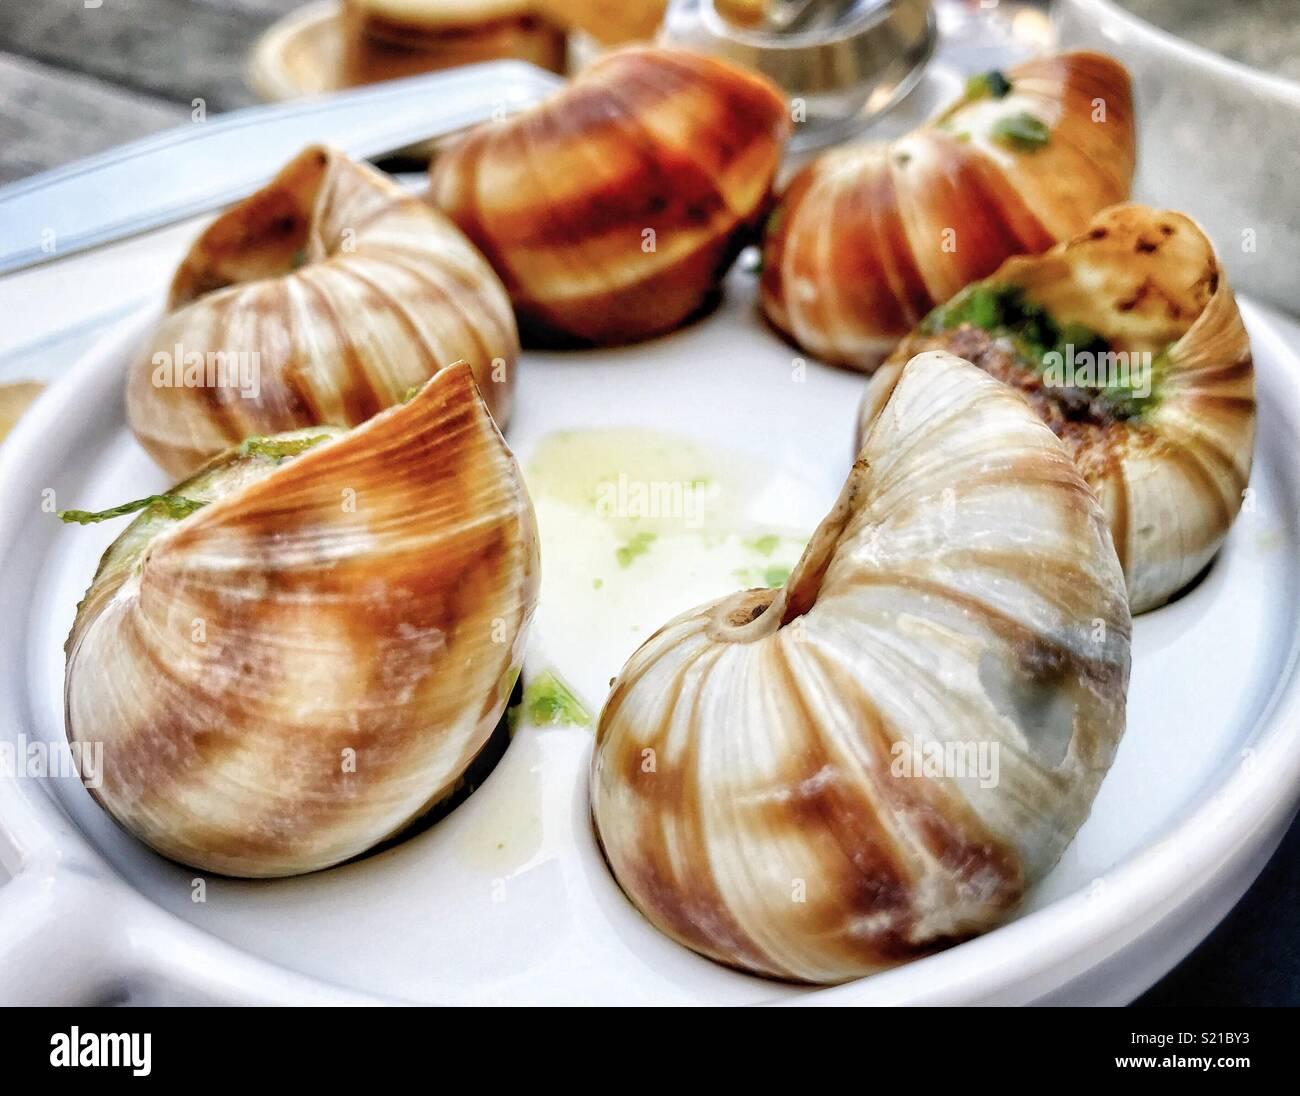 Schnecken - nässen Knoblauch und Petersilie. Finger - lickingly unglaubliches Essen Stockbild